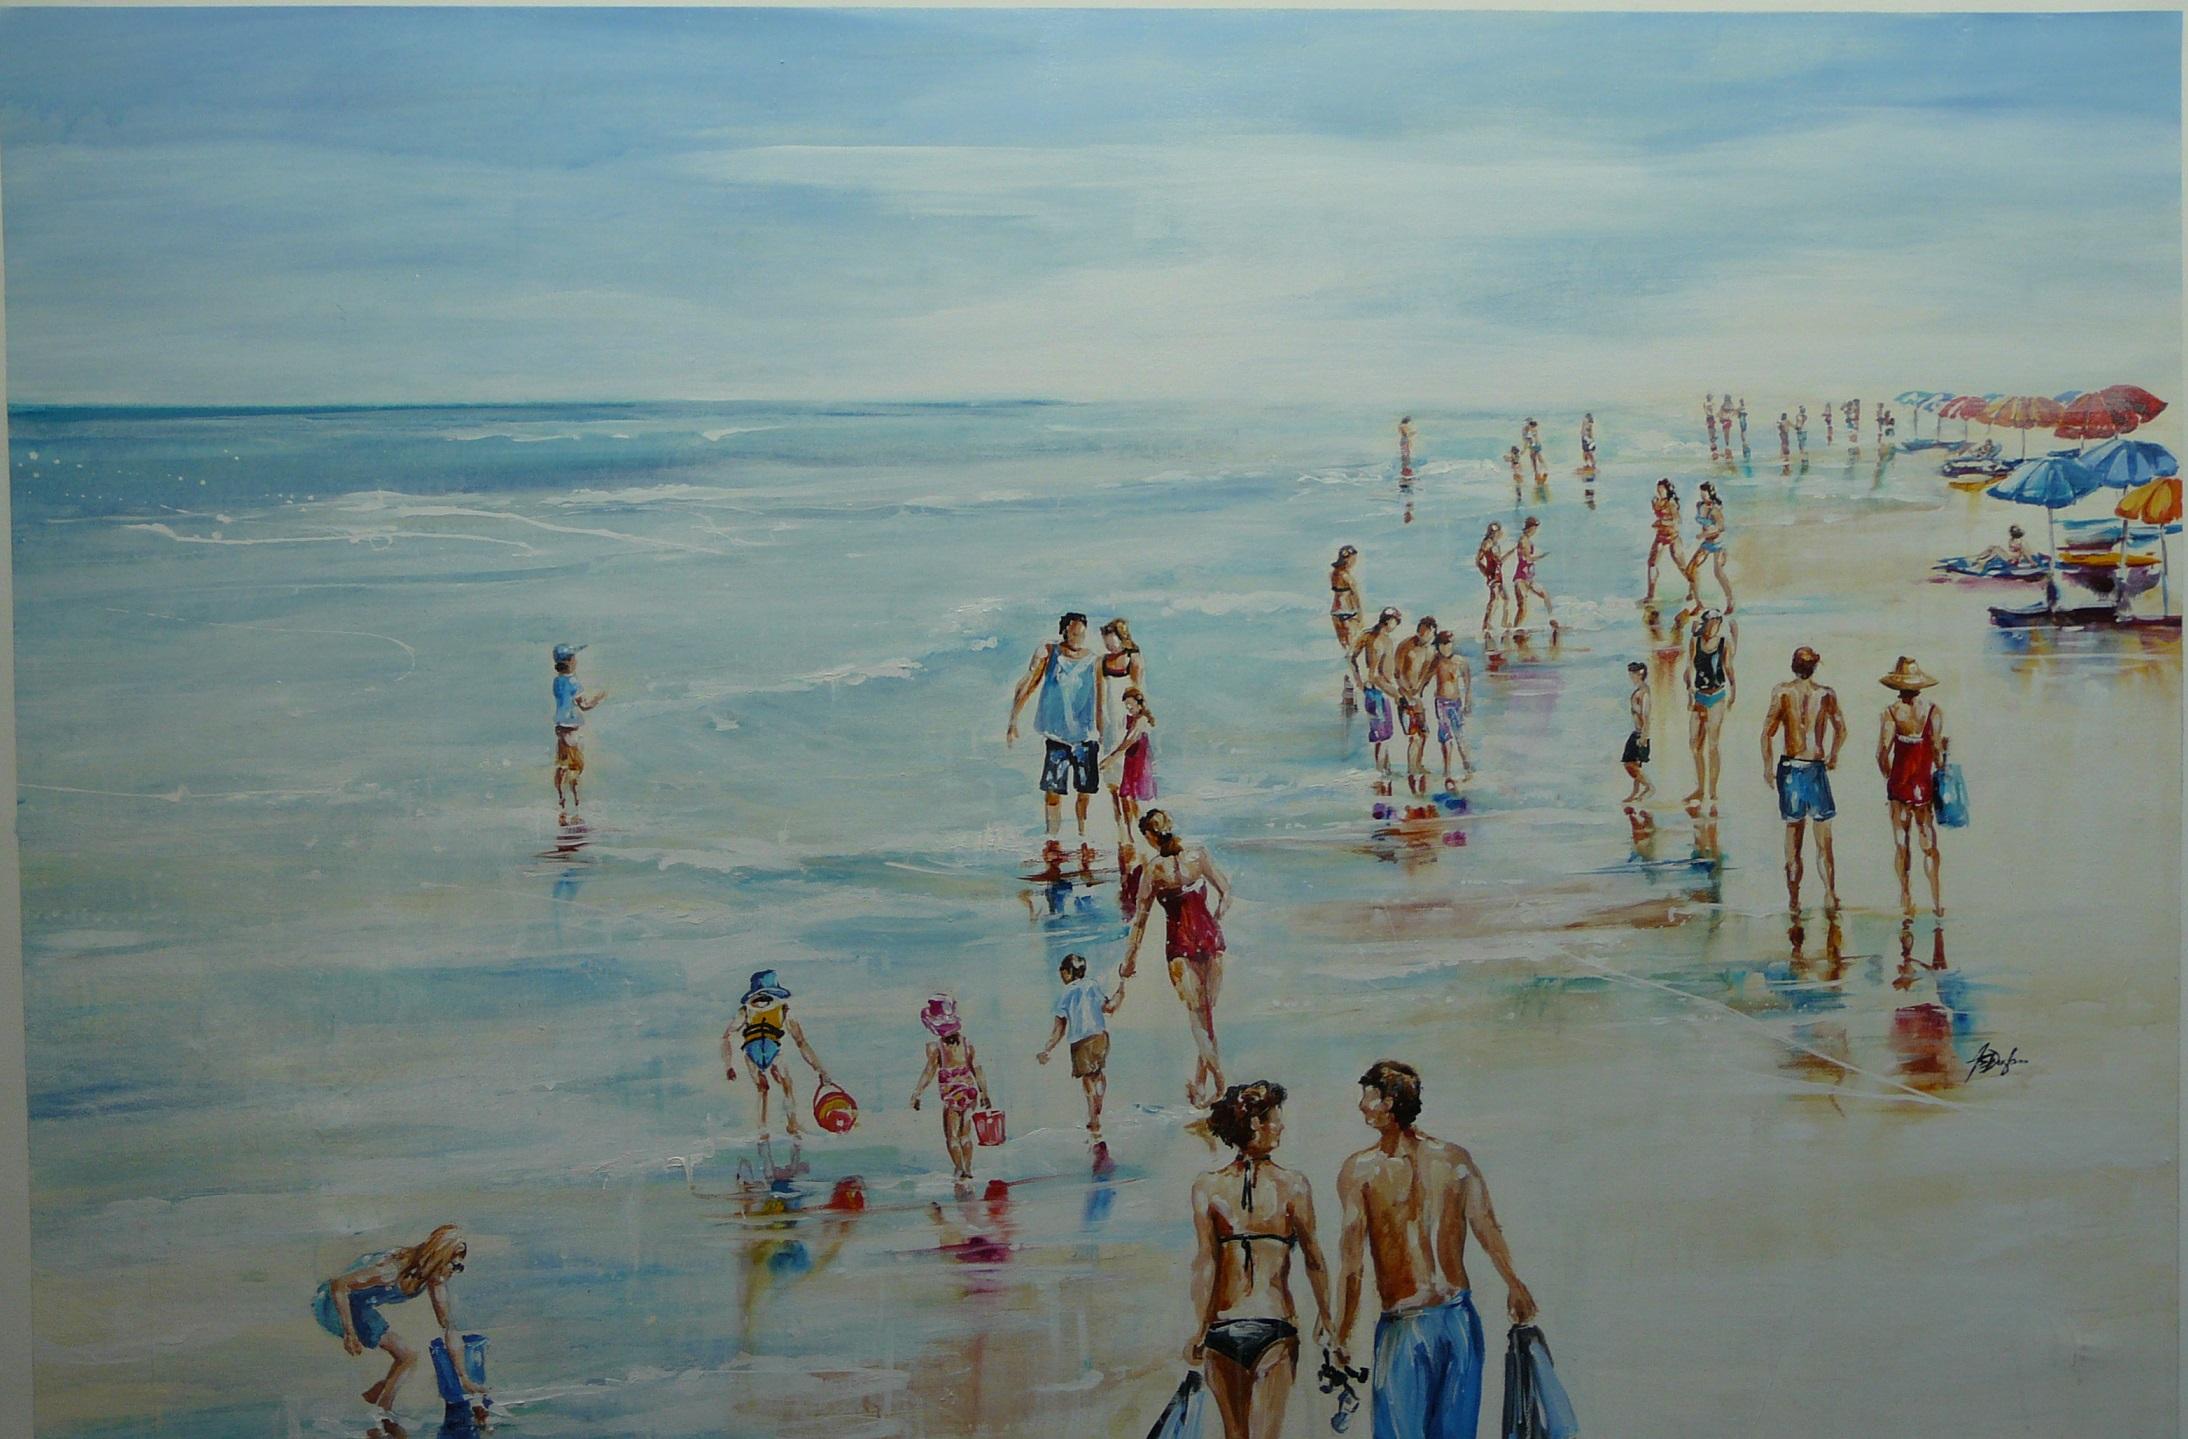 Sea, Sand and Salt